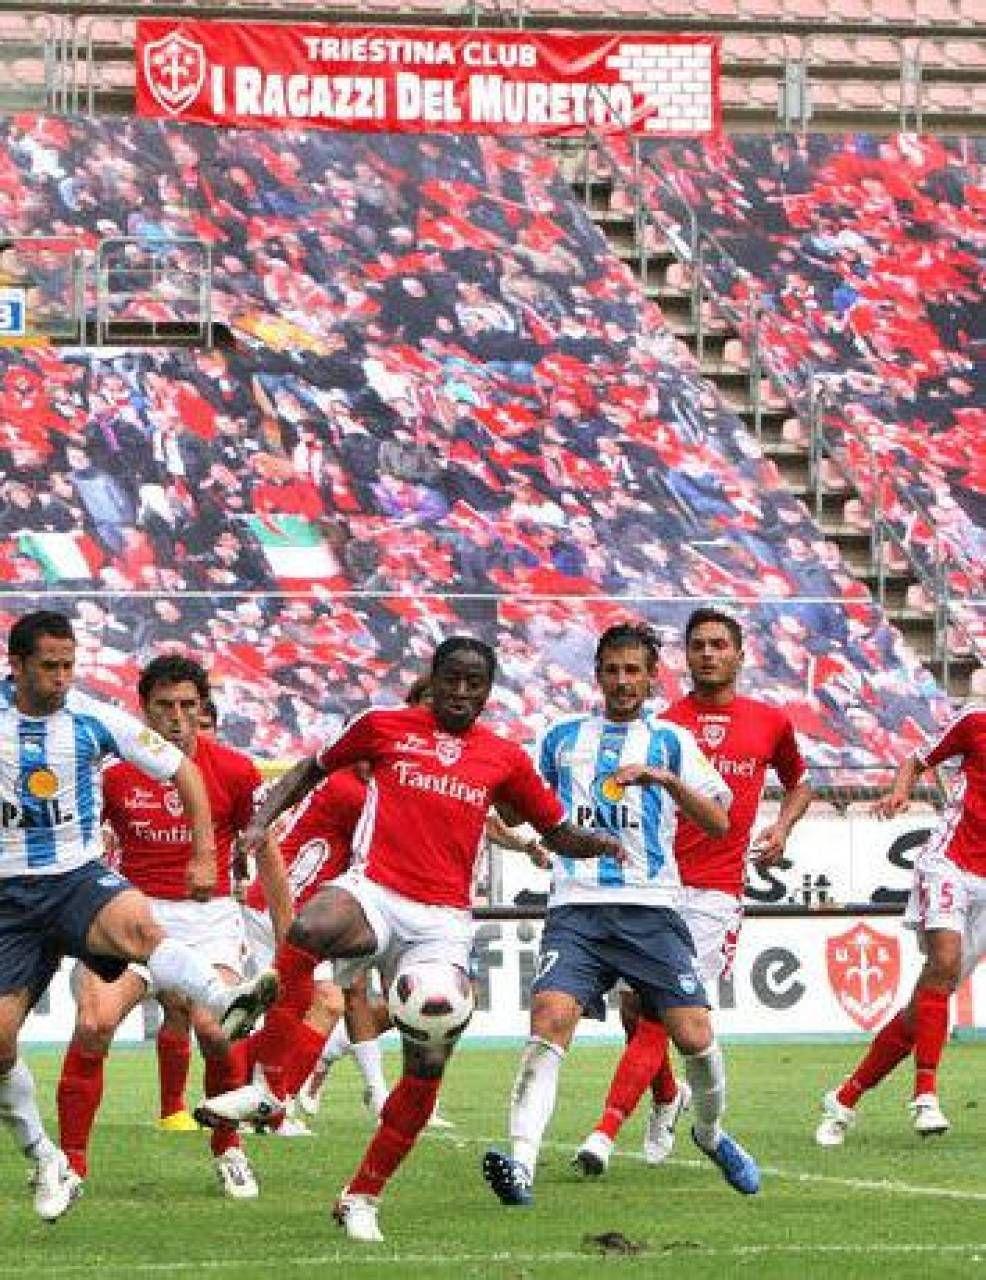 Tifosi finti disegnati sulle tribune: gli stadi italiani si sono organizzati per evitare lo spettacolo triste degli spalti completamente vuoti (Foto Sky)